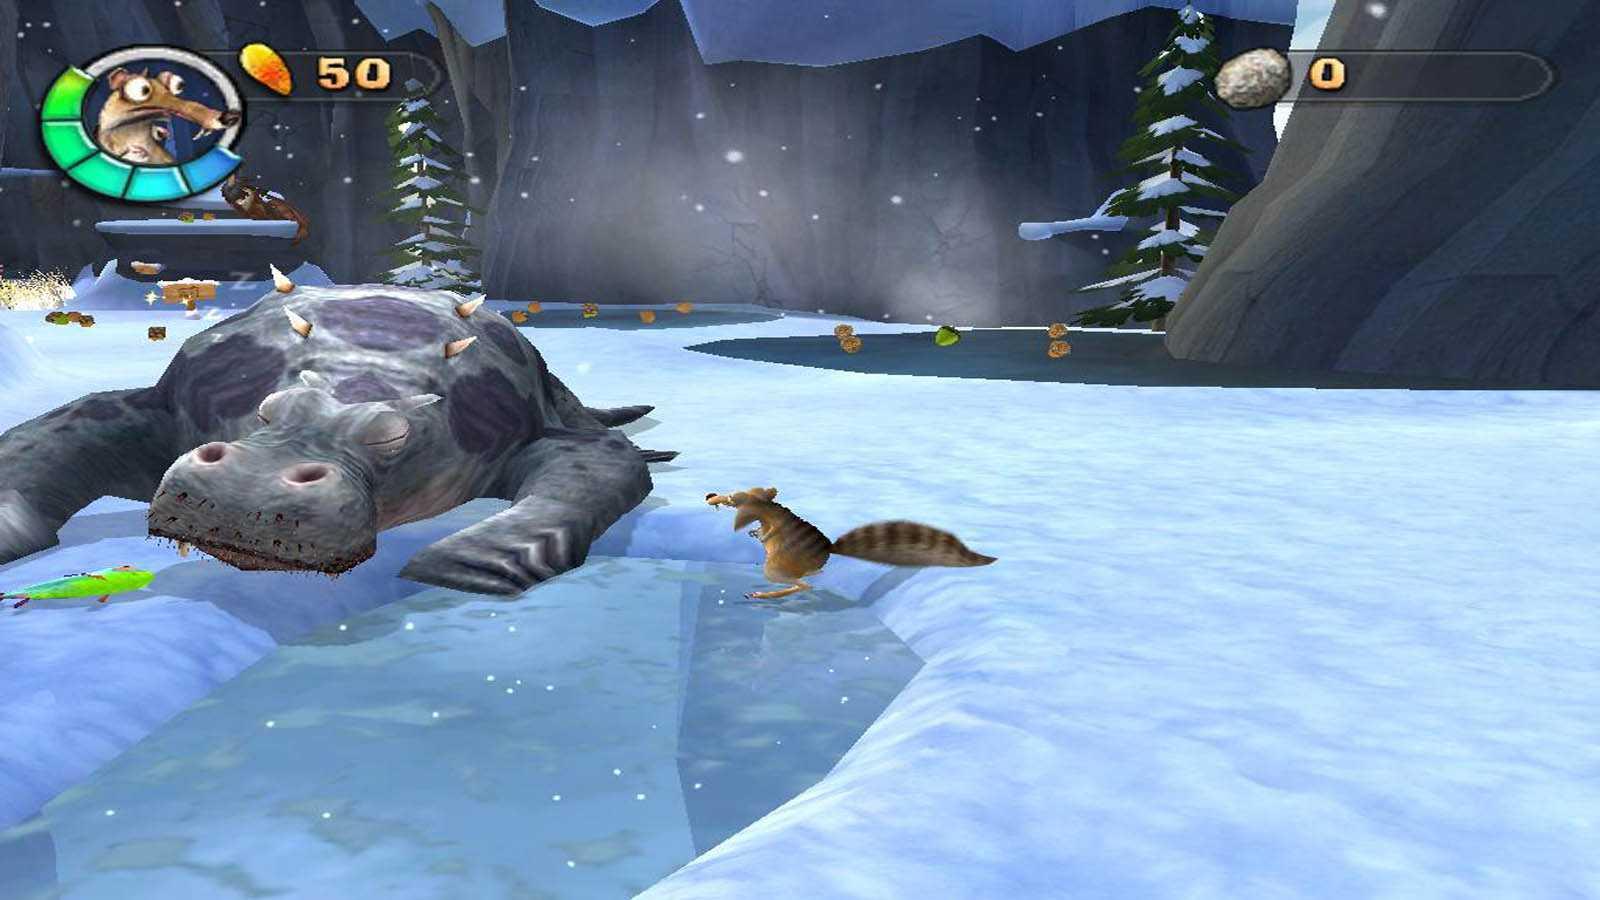 تحميل لعبة Ice Age 2 مضغوطة برابط واحد مباشر كاملة مجانا